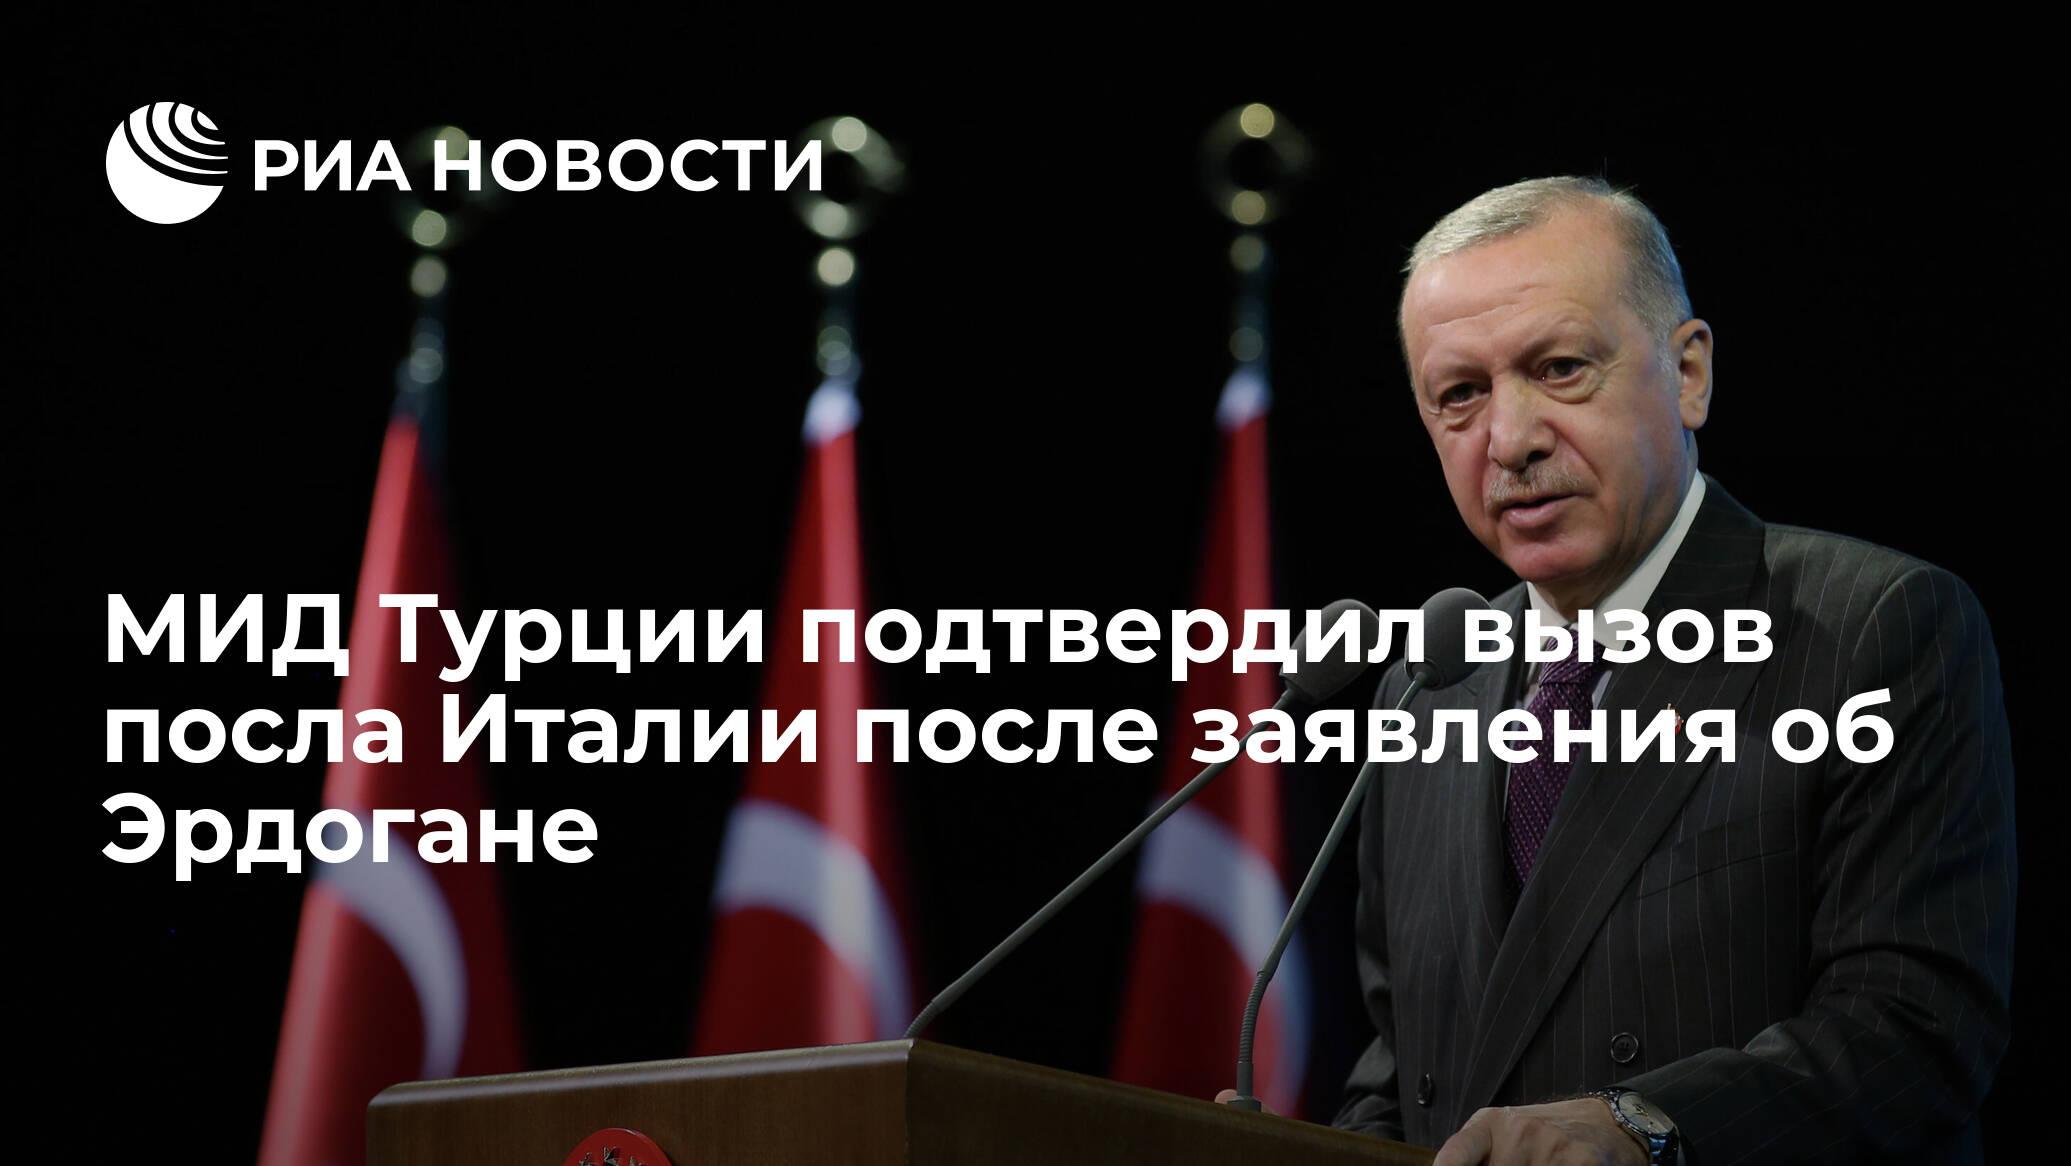 МИД Турции подтвердил вызов посла Италии после заявления об Эрдогане